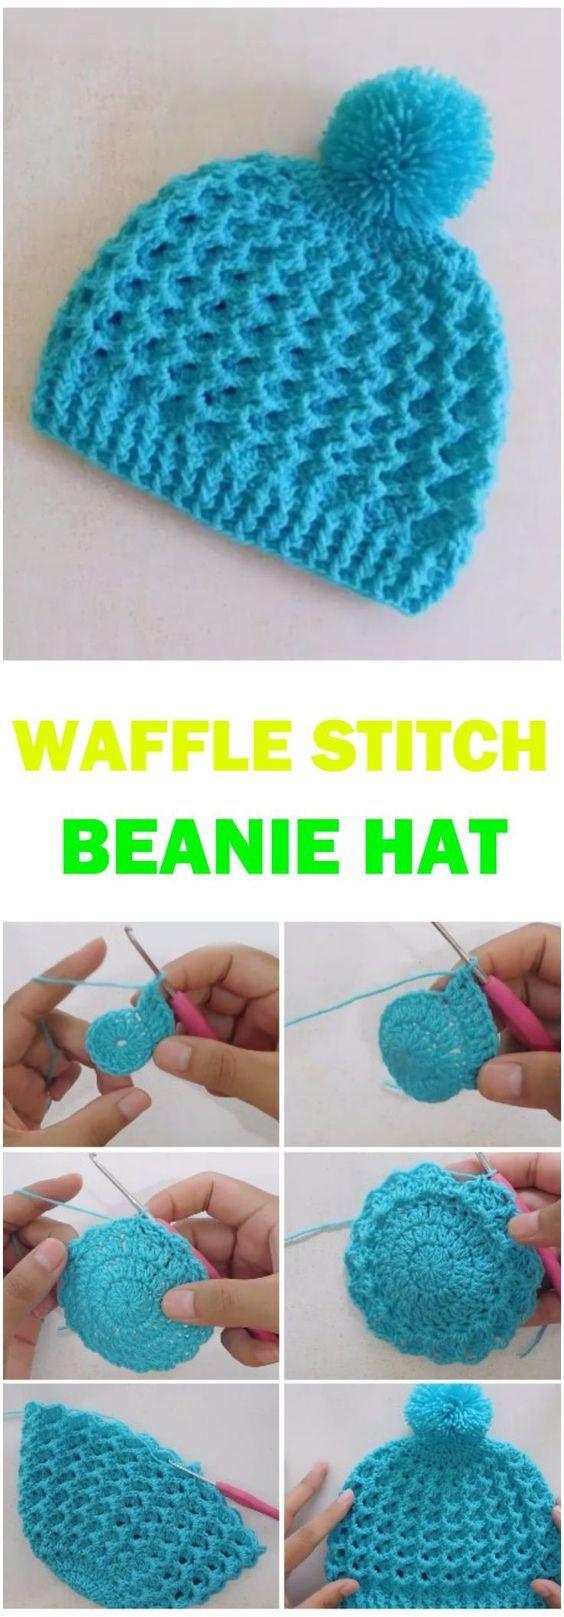 Waffle Stitch Beanie Hat Tutorial | Gorros de crochet, Gorros y Tejido